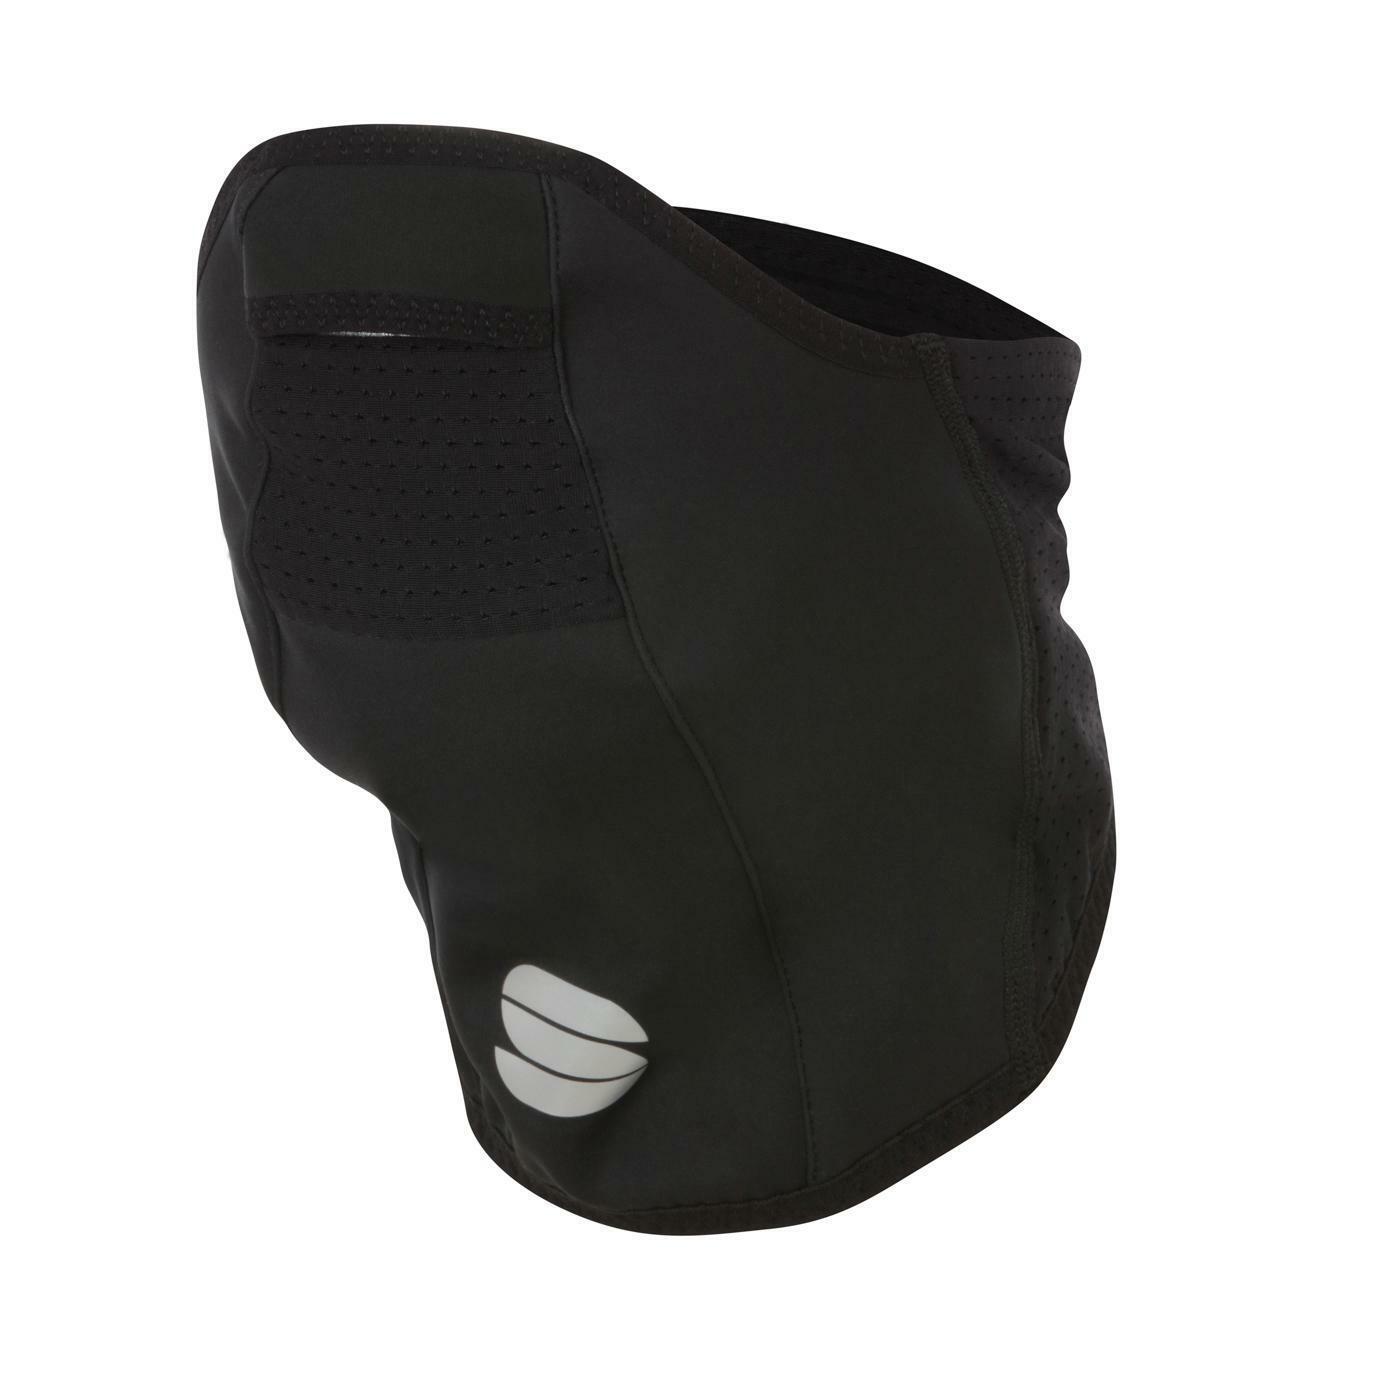 sportful sportful passamontagna windstopper face mask